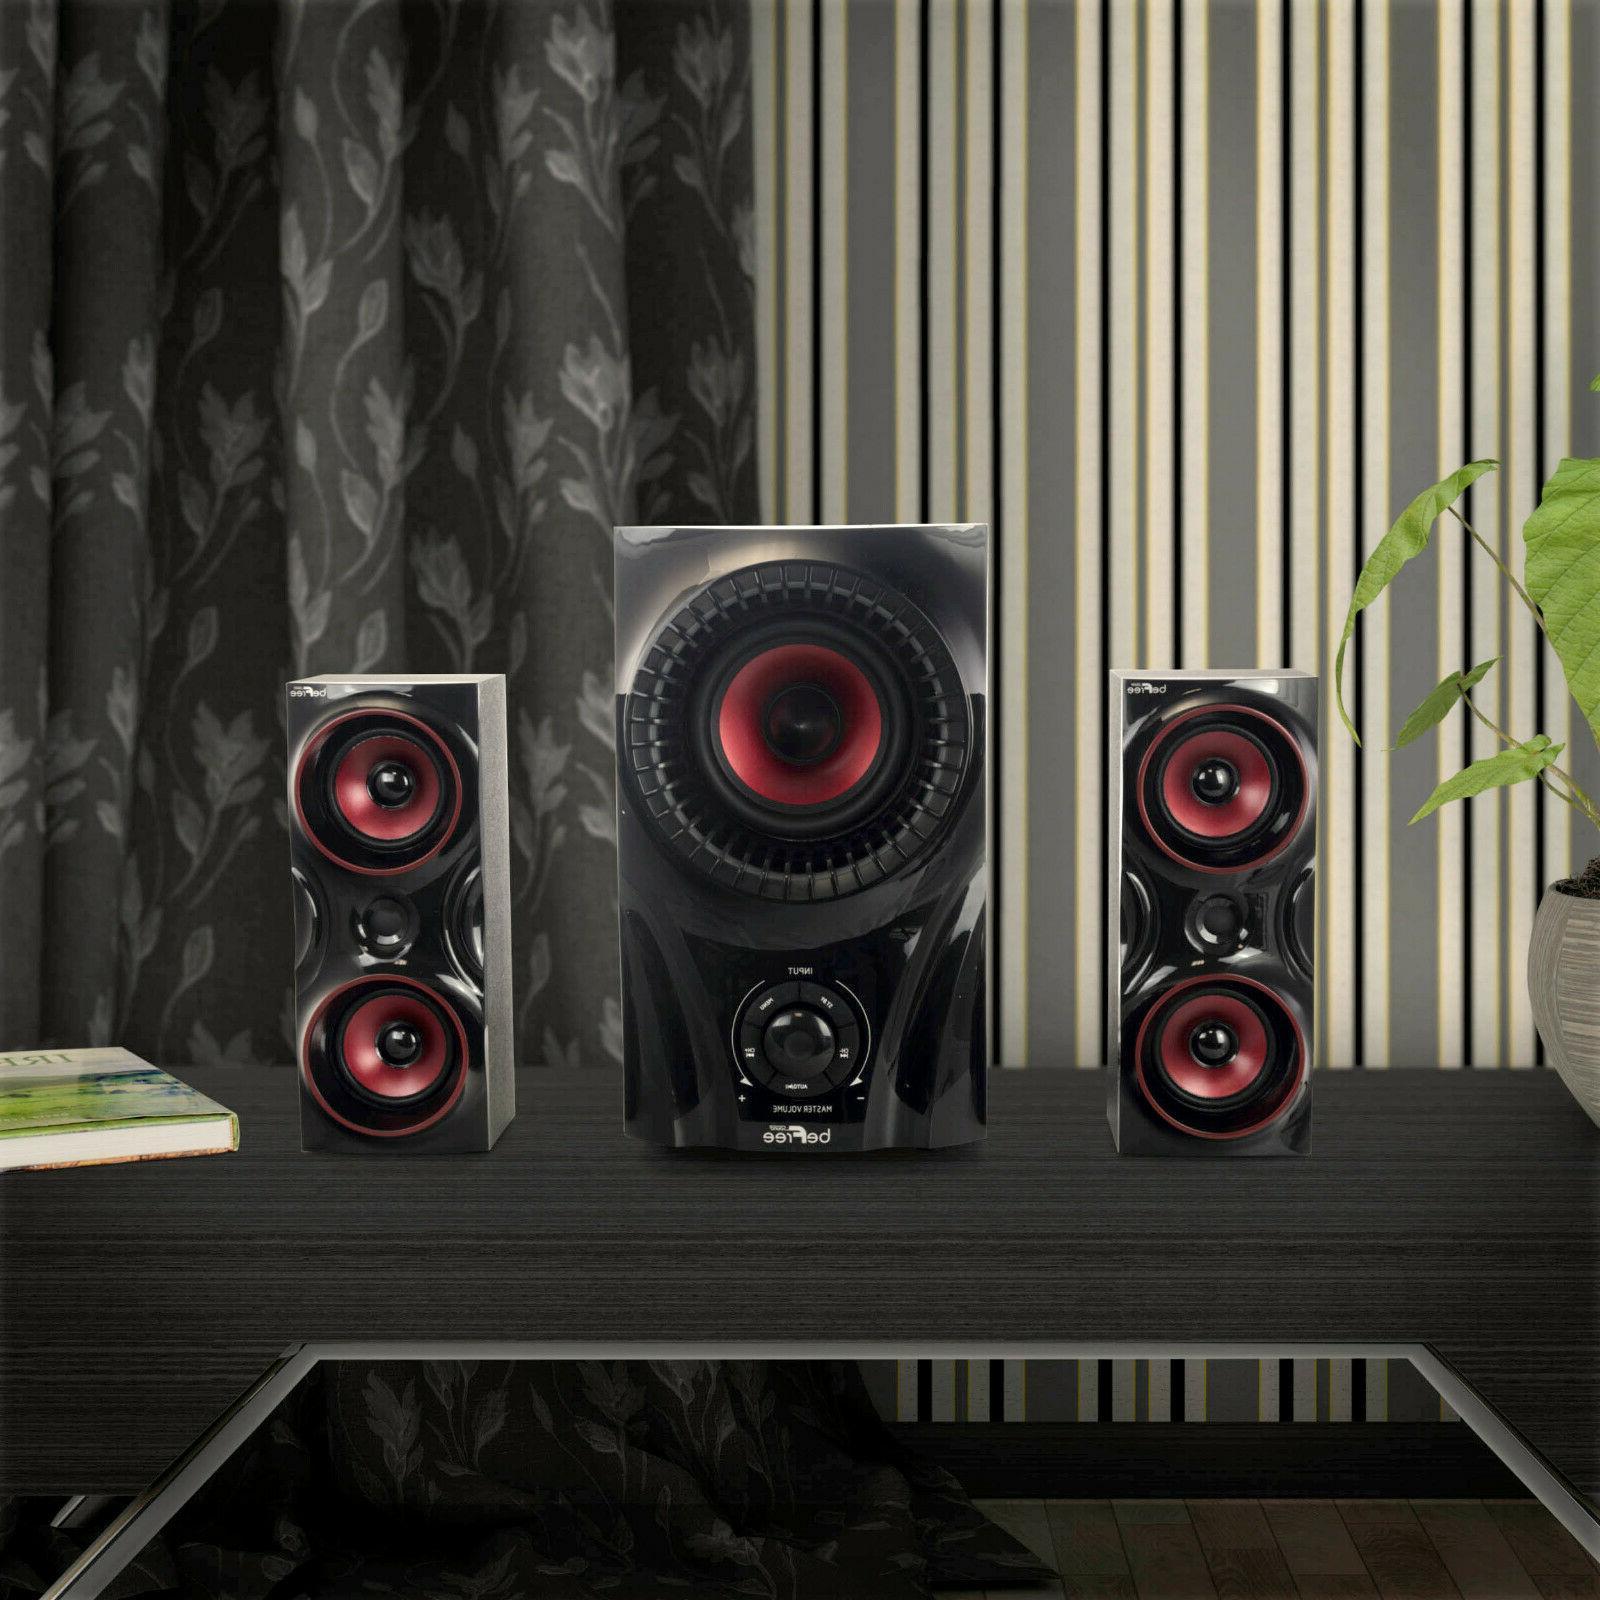 BEFREE SOUND 2.1 SURROUND SOUND SYSTEM w/REMOTE